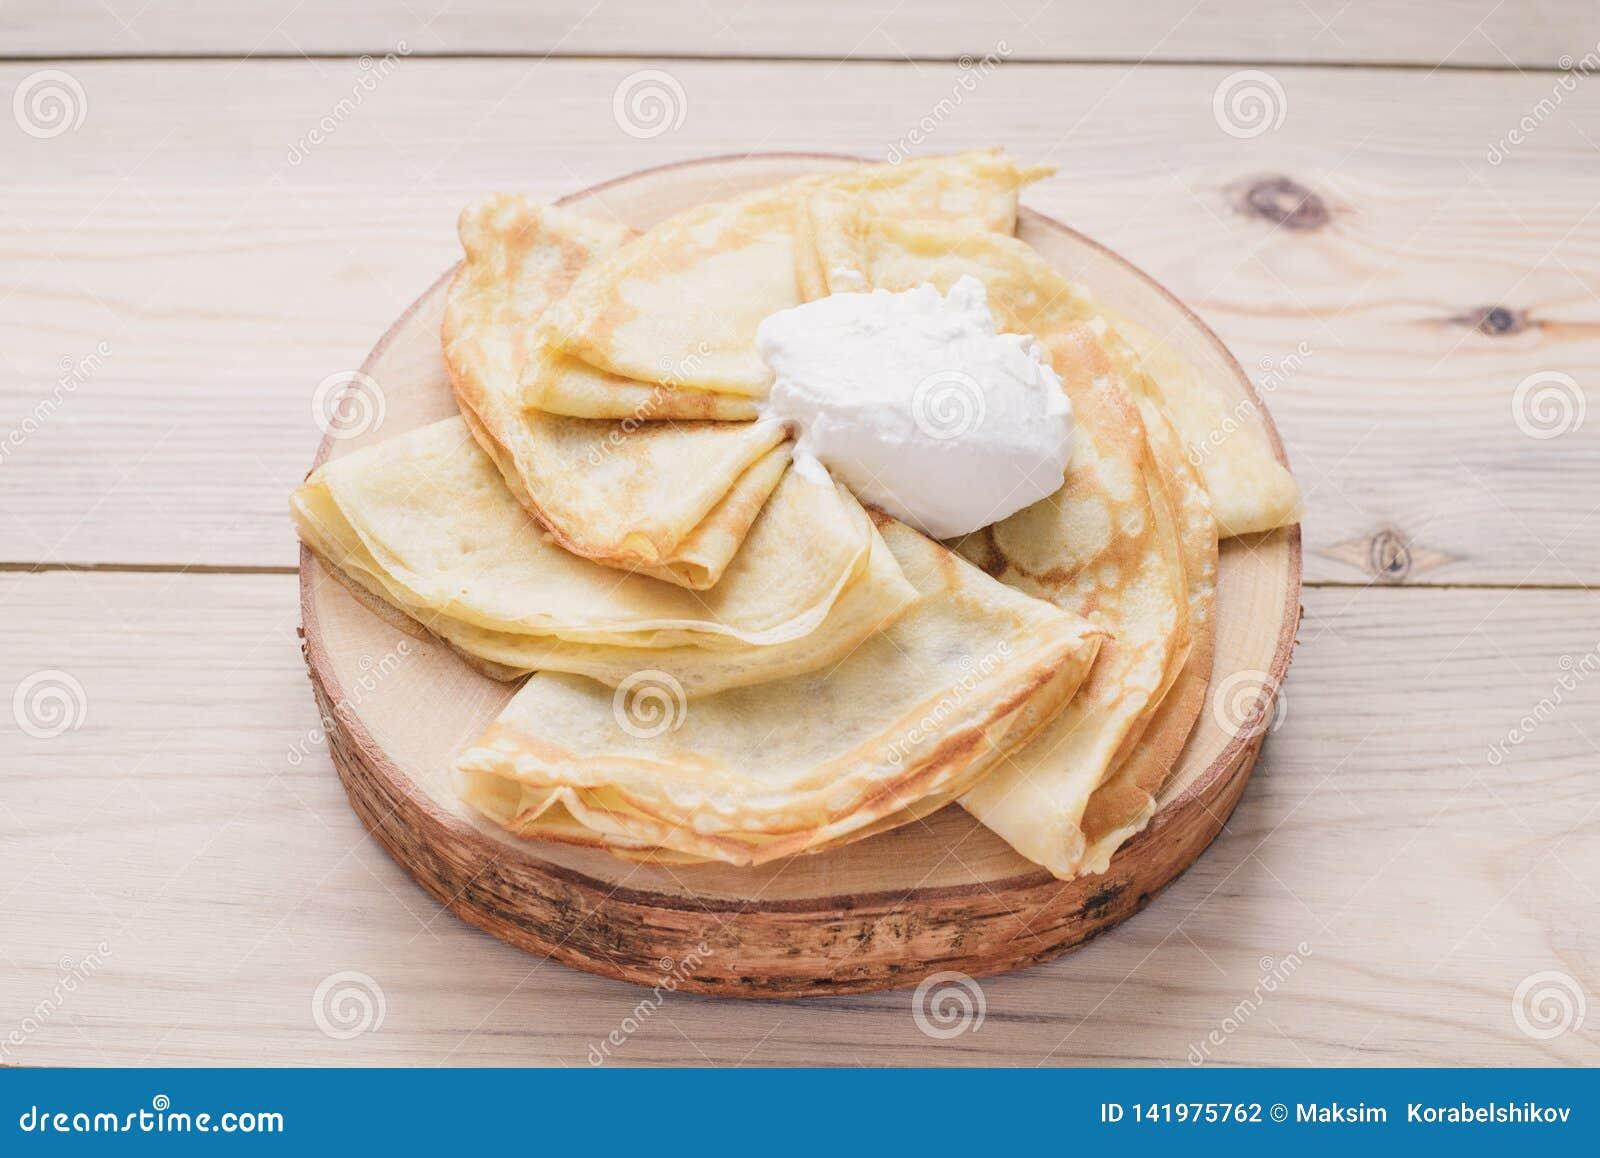 在一个木立场的俄国稀薄的薄煎饼由与酸性稀奶油的自然木头制成 Maslenitsa是Maslenitsa食物节日